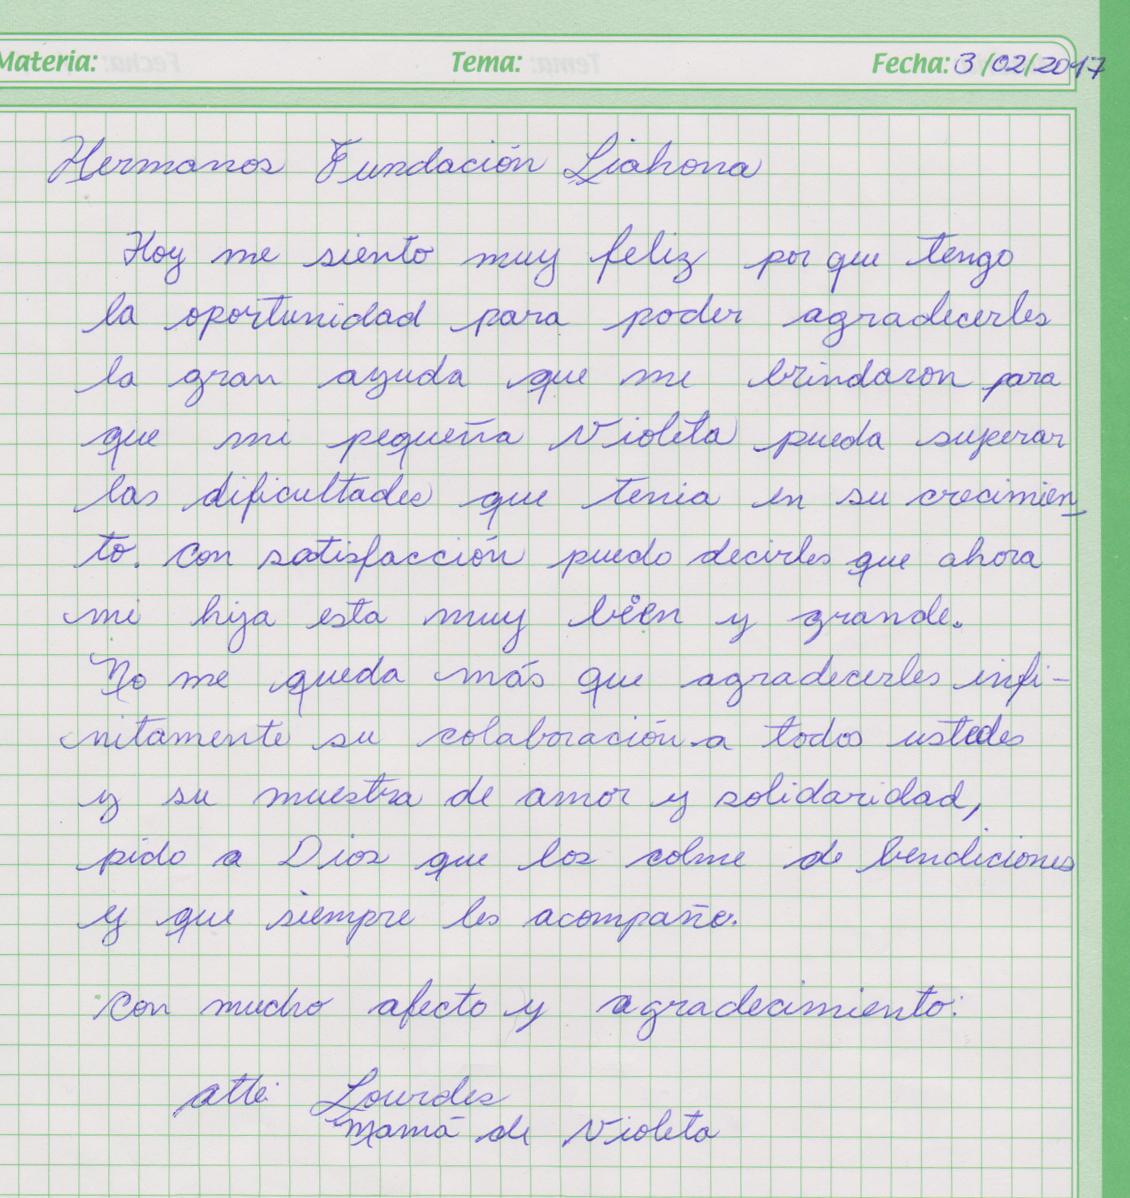 Oruro-3-10-17-Violeta-Aliaza-thank-you-letter